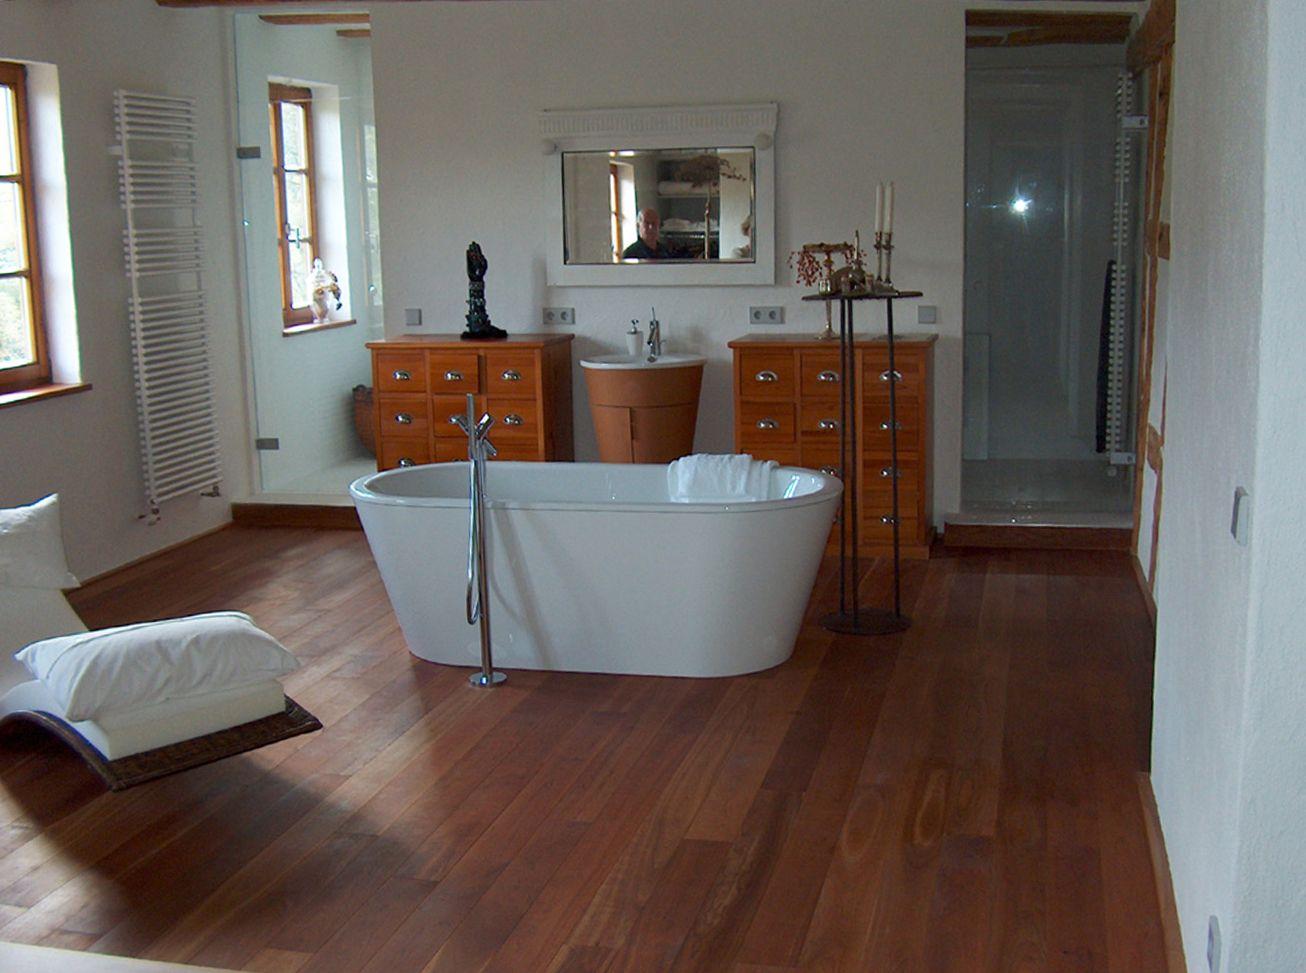 holzboden badezimmer abdichten_203500 ~ neuesten ideen für die, Haus Raumgestaltung